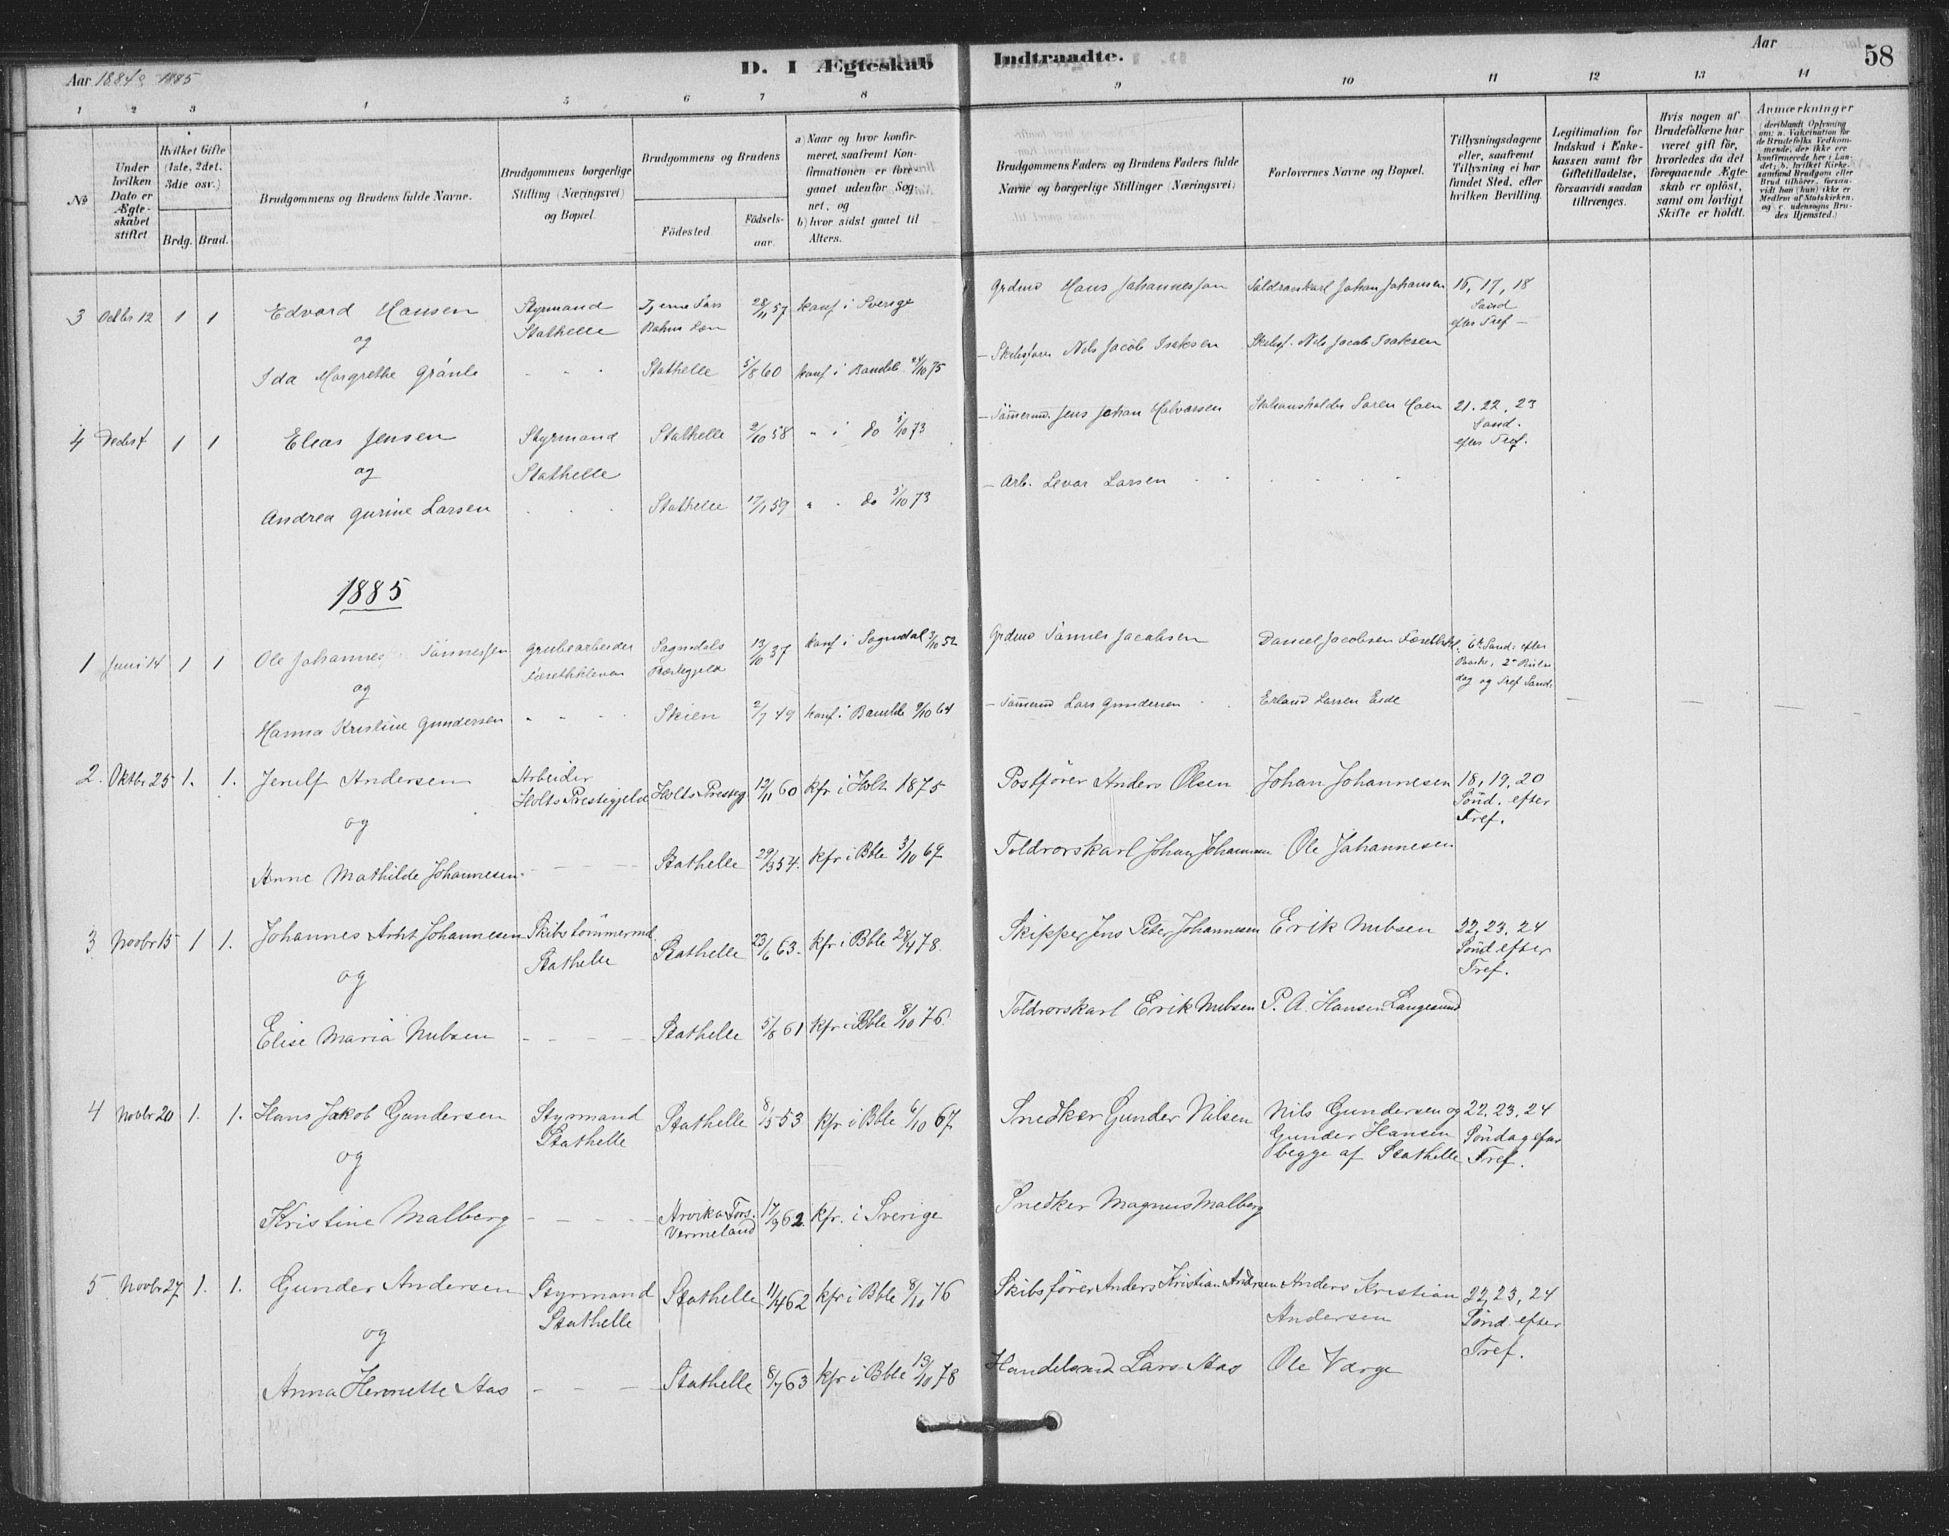 SAKO, Bamble kirkebøker, F/Fb/L0001: Ministerialbok nr. II 1, 1878-1899, s. 58